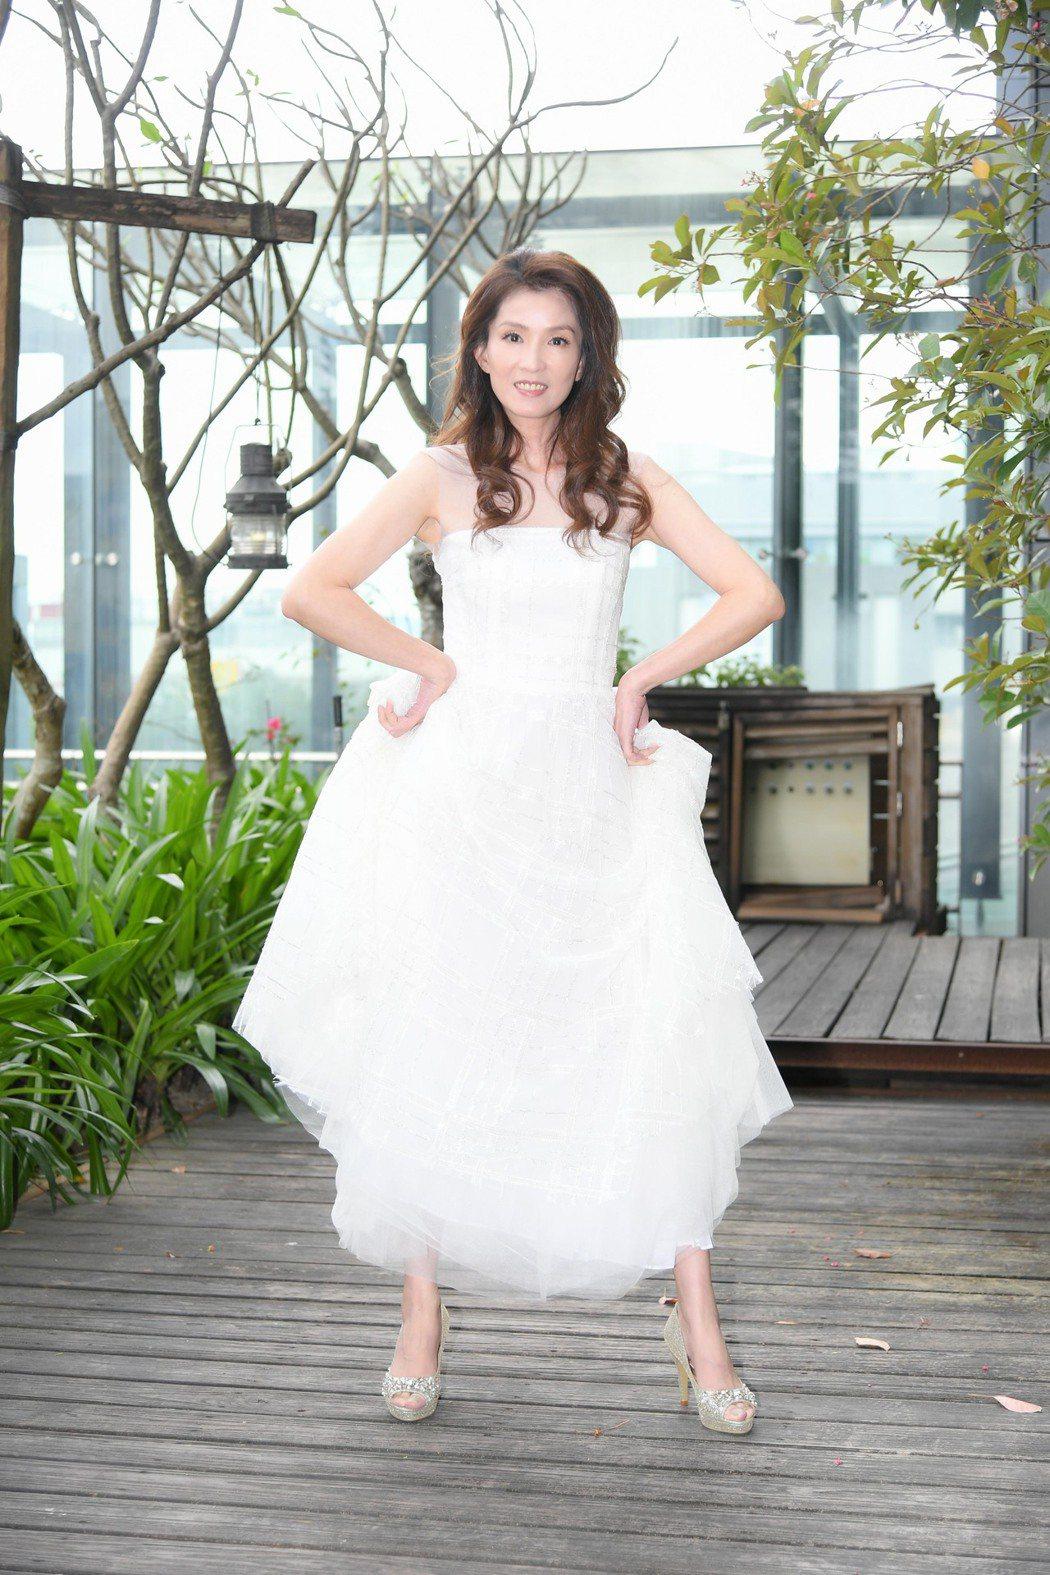 葉全真認為婚紗穿過太多次,未來真的有伴不會辦婚禮。圖/三立提供